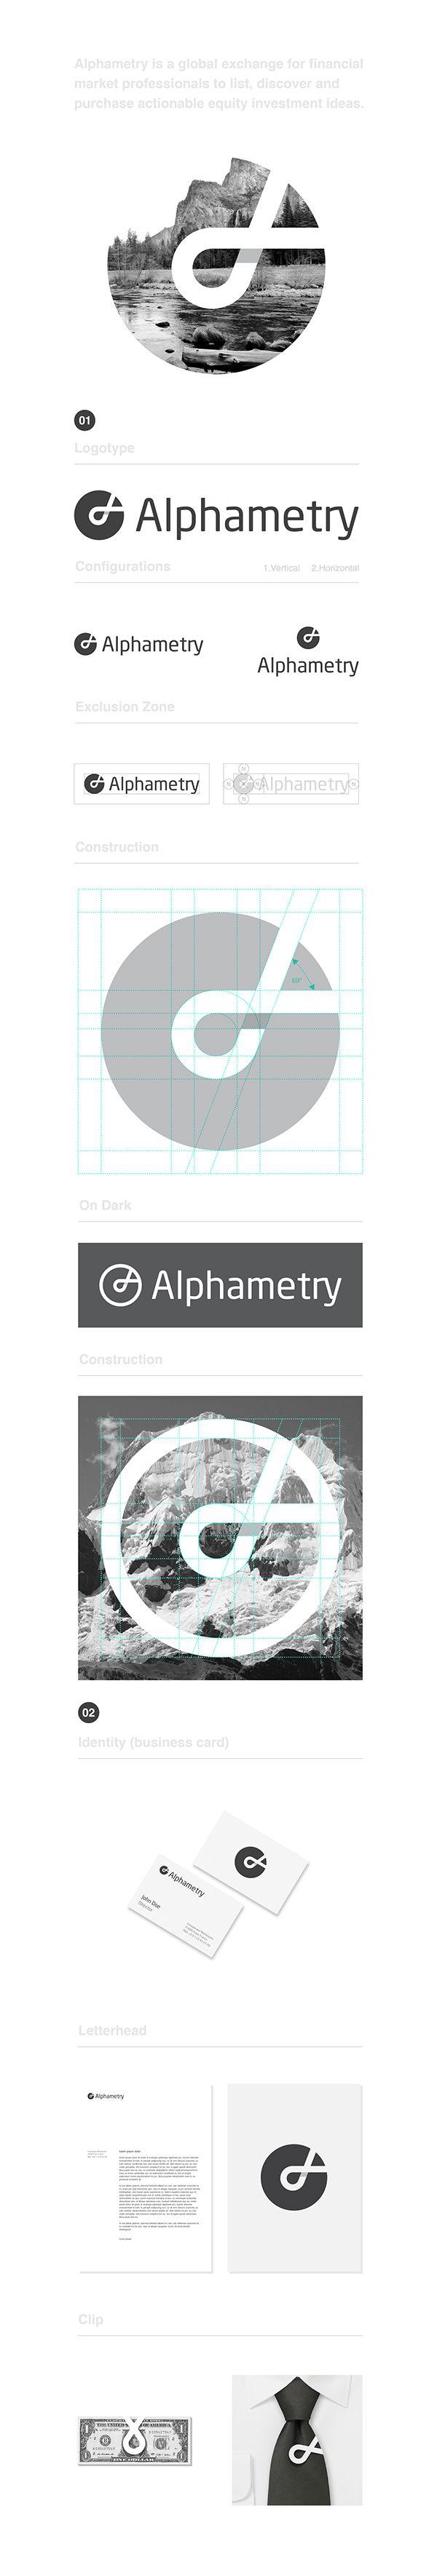 Alphametry Identity on Behance